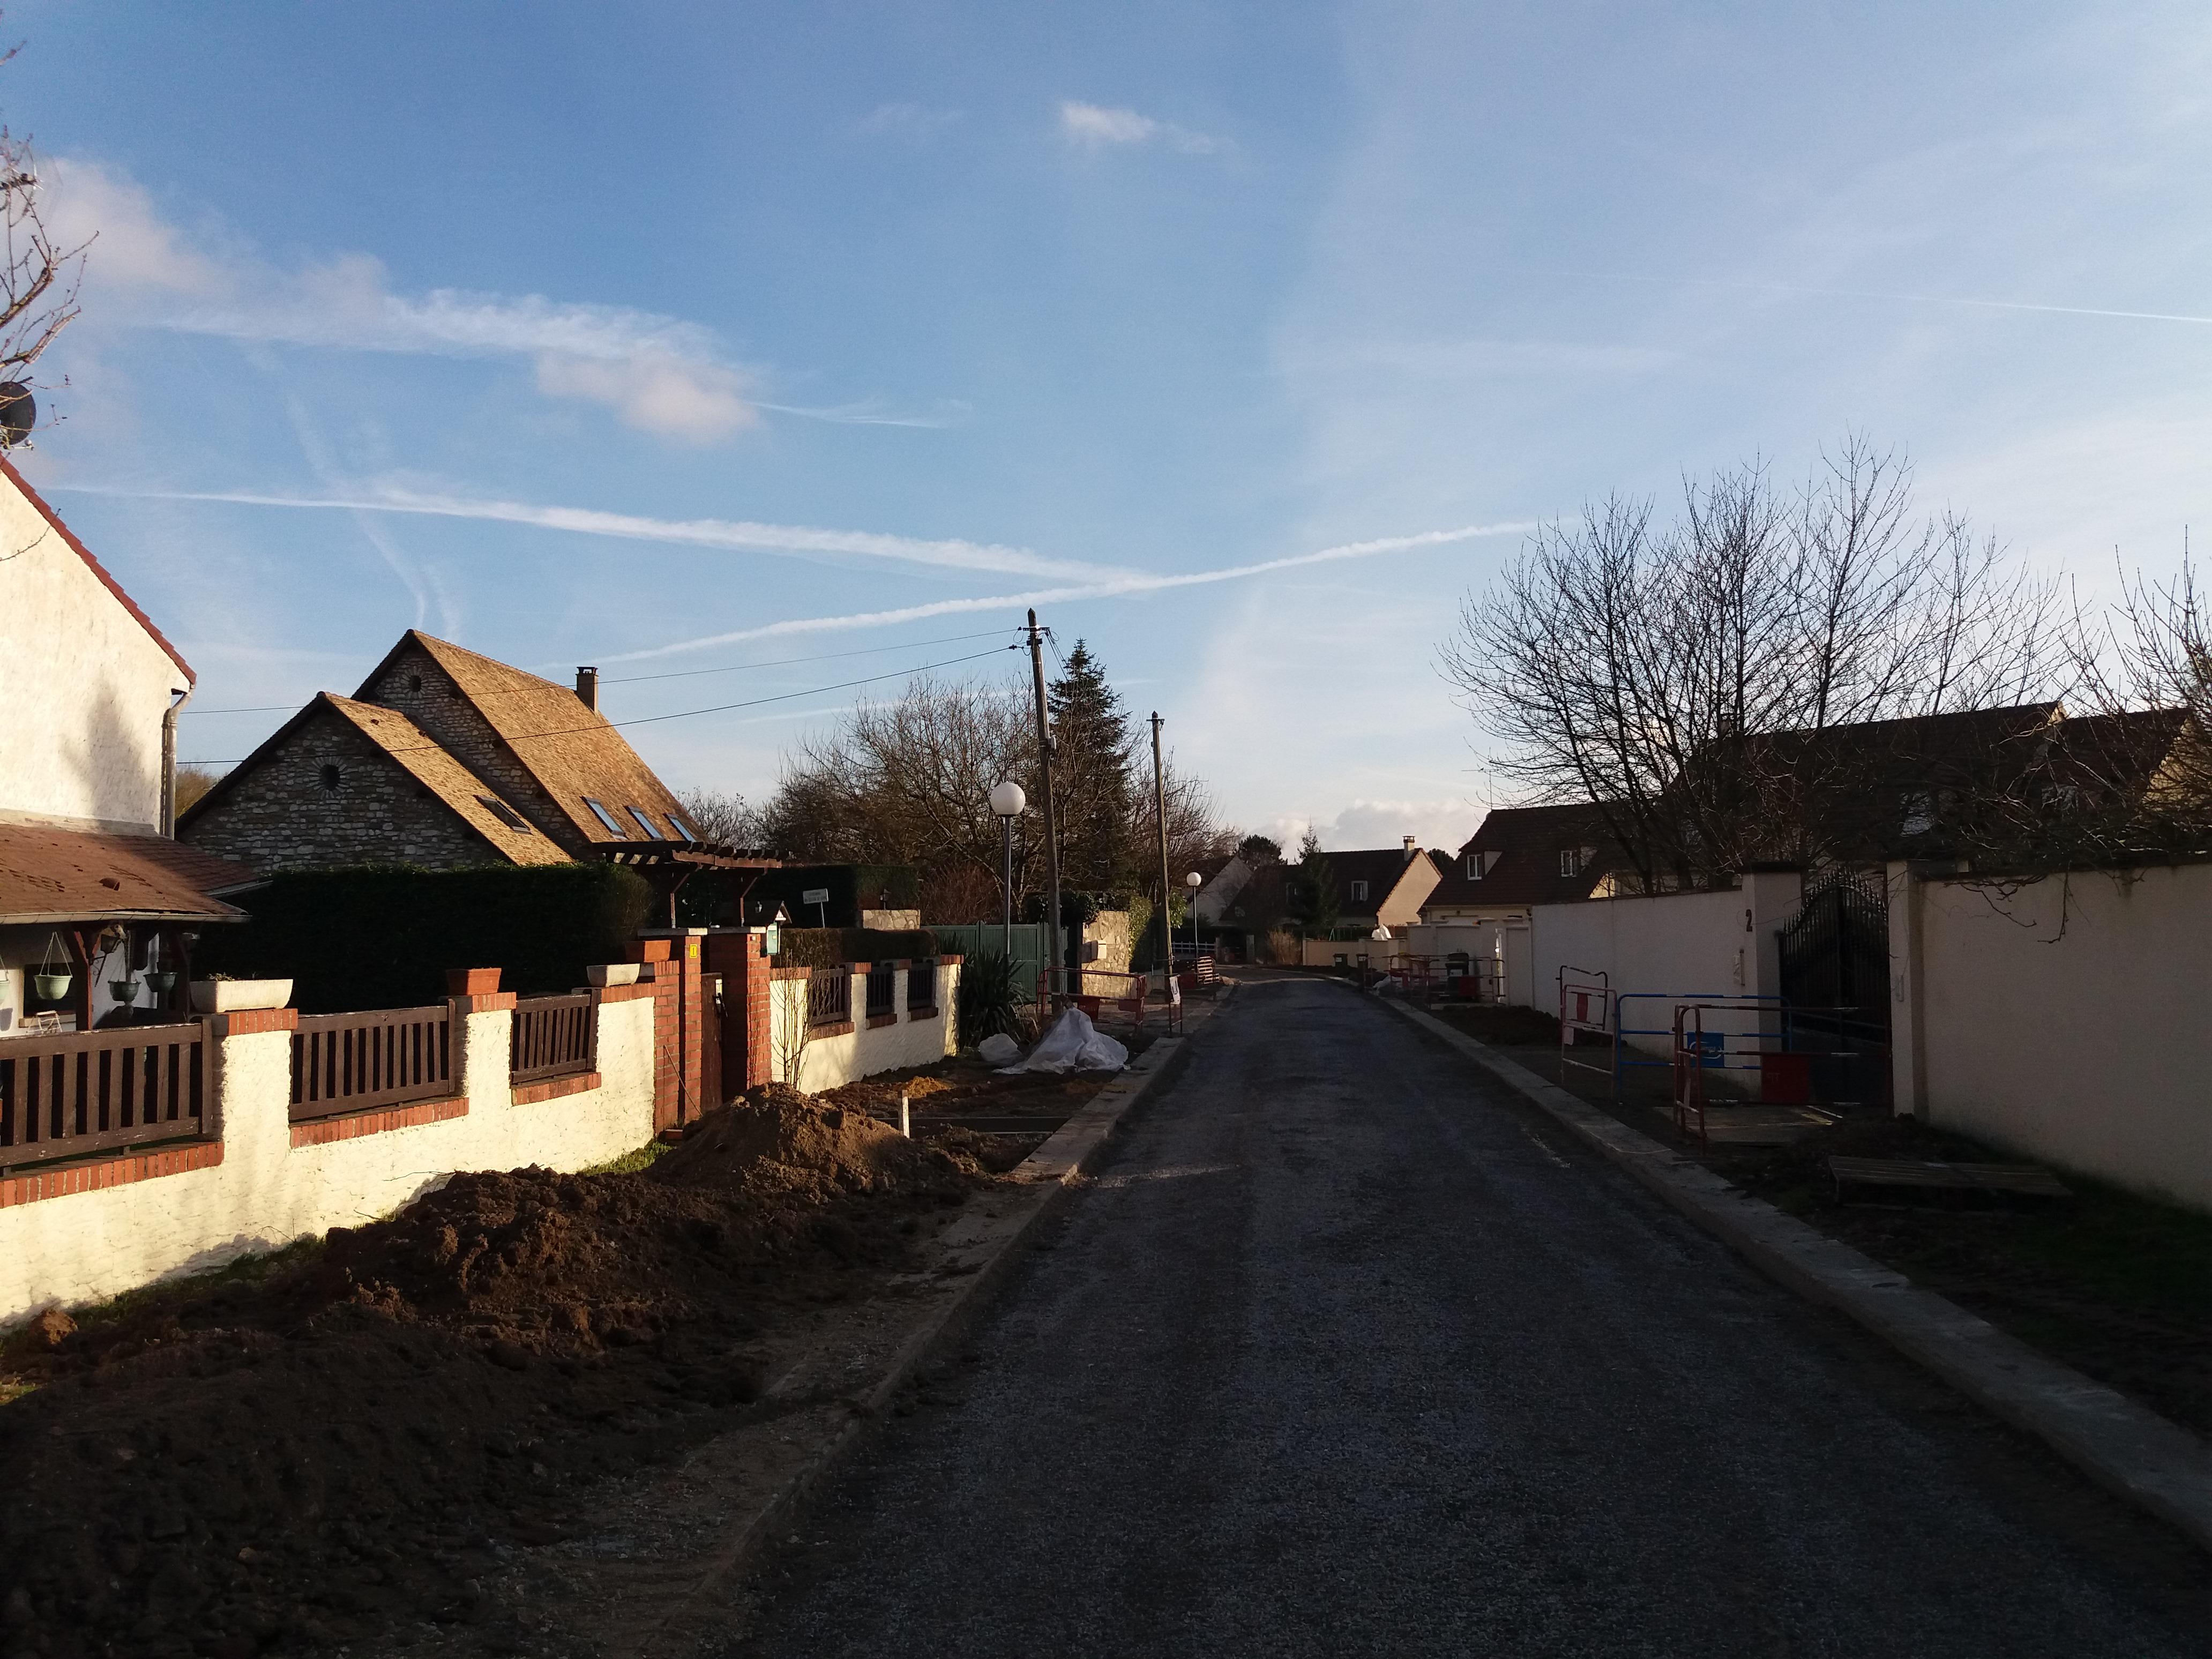 rue-des-pres